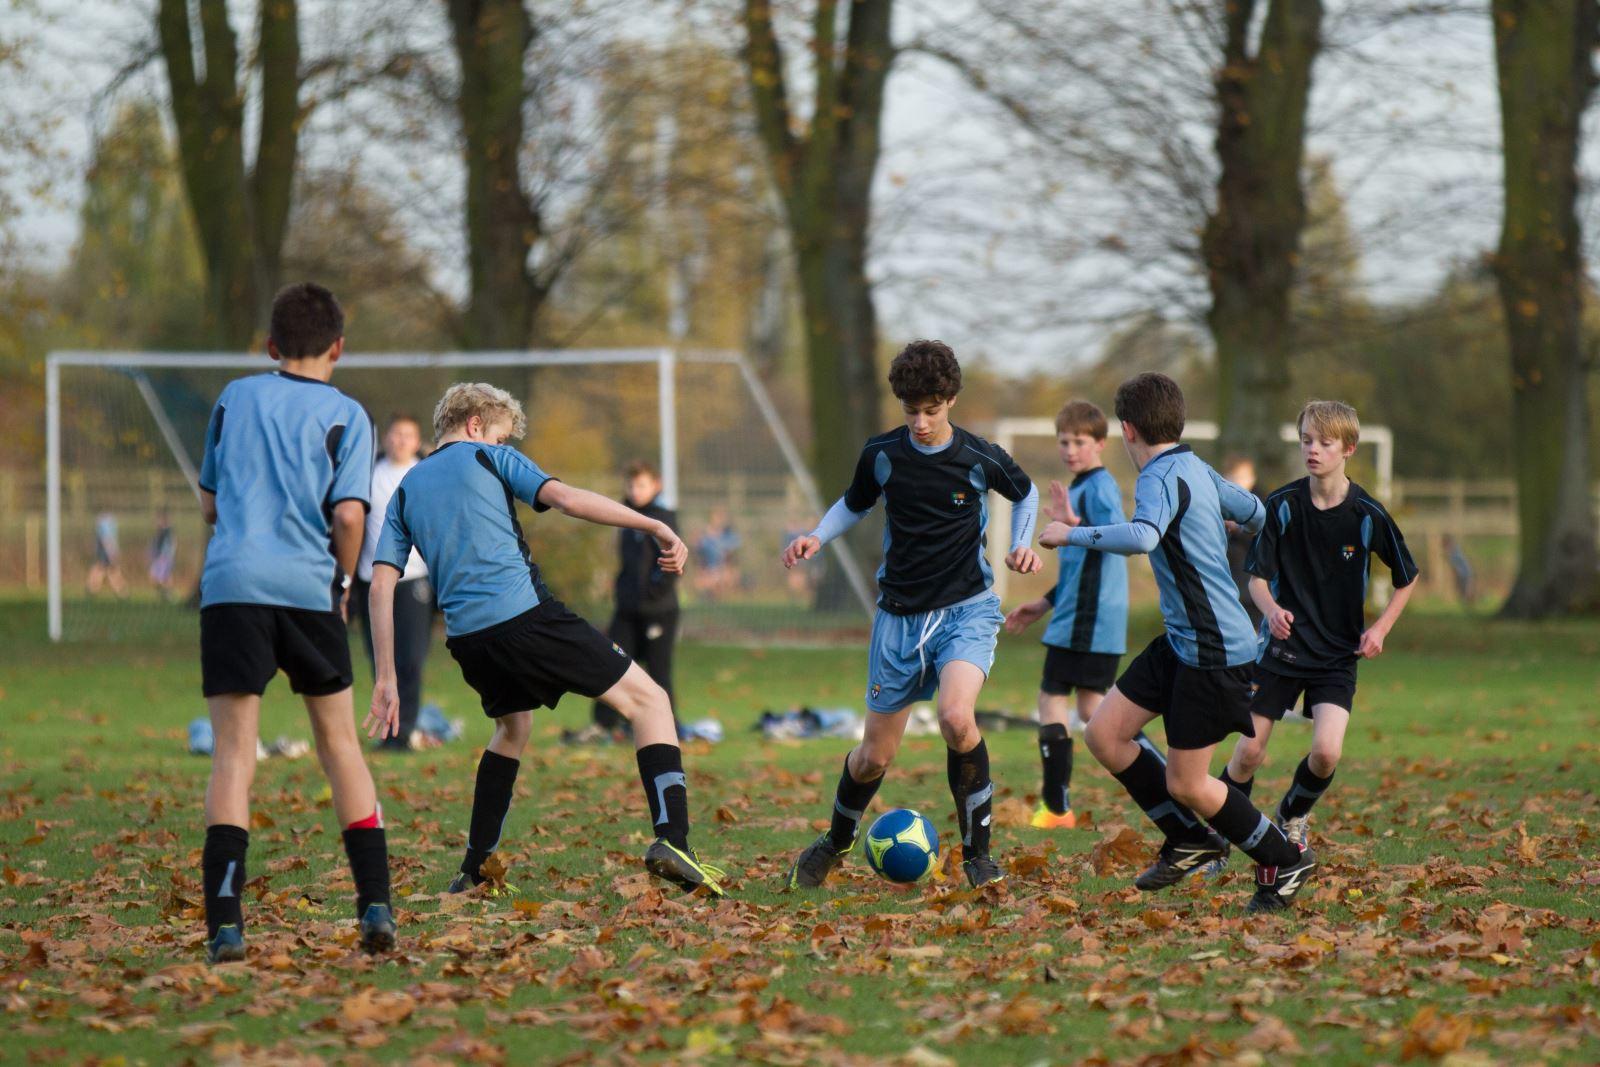 Professionelle sportliche Aktivitäten